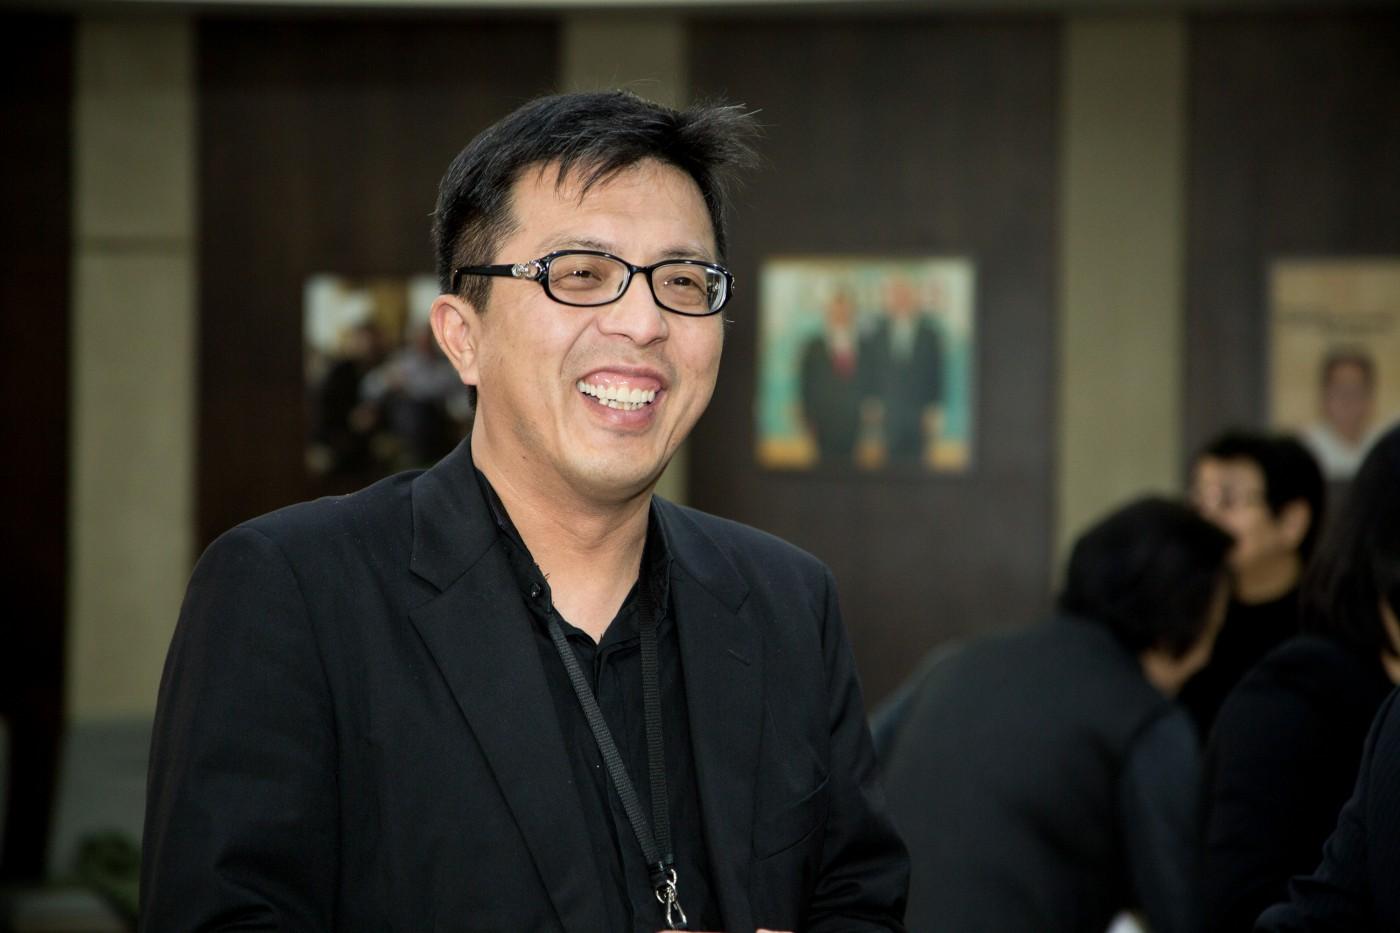 接下改造東森電商重任,王志仁鎖定兩大方向發力